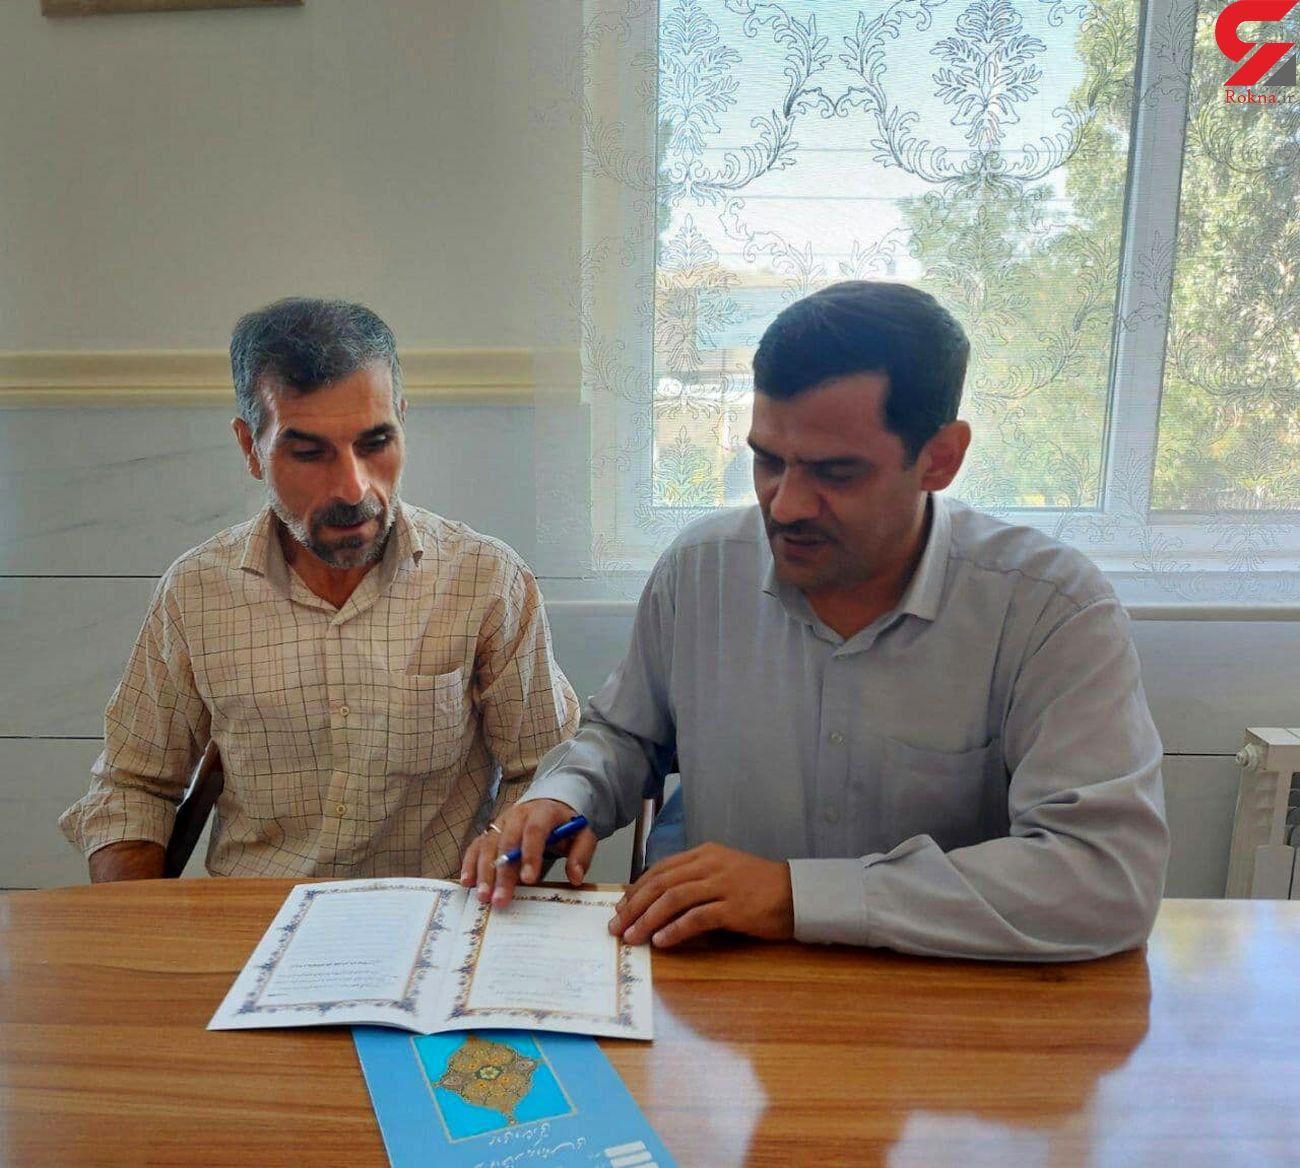 روستای بیات صاحب مدرسه می شود